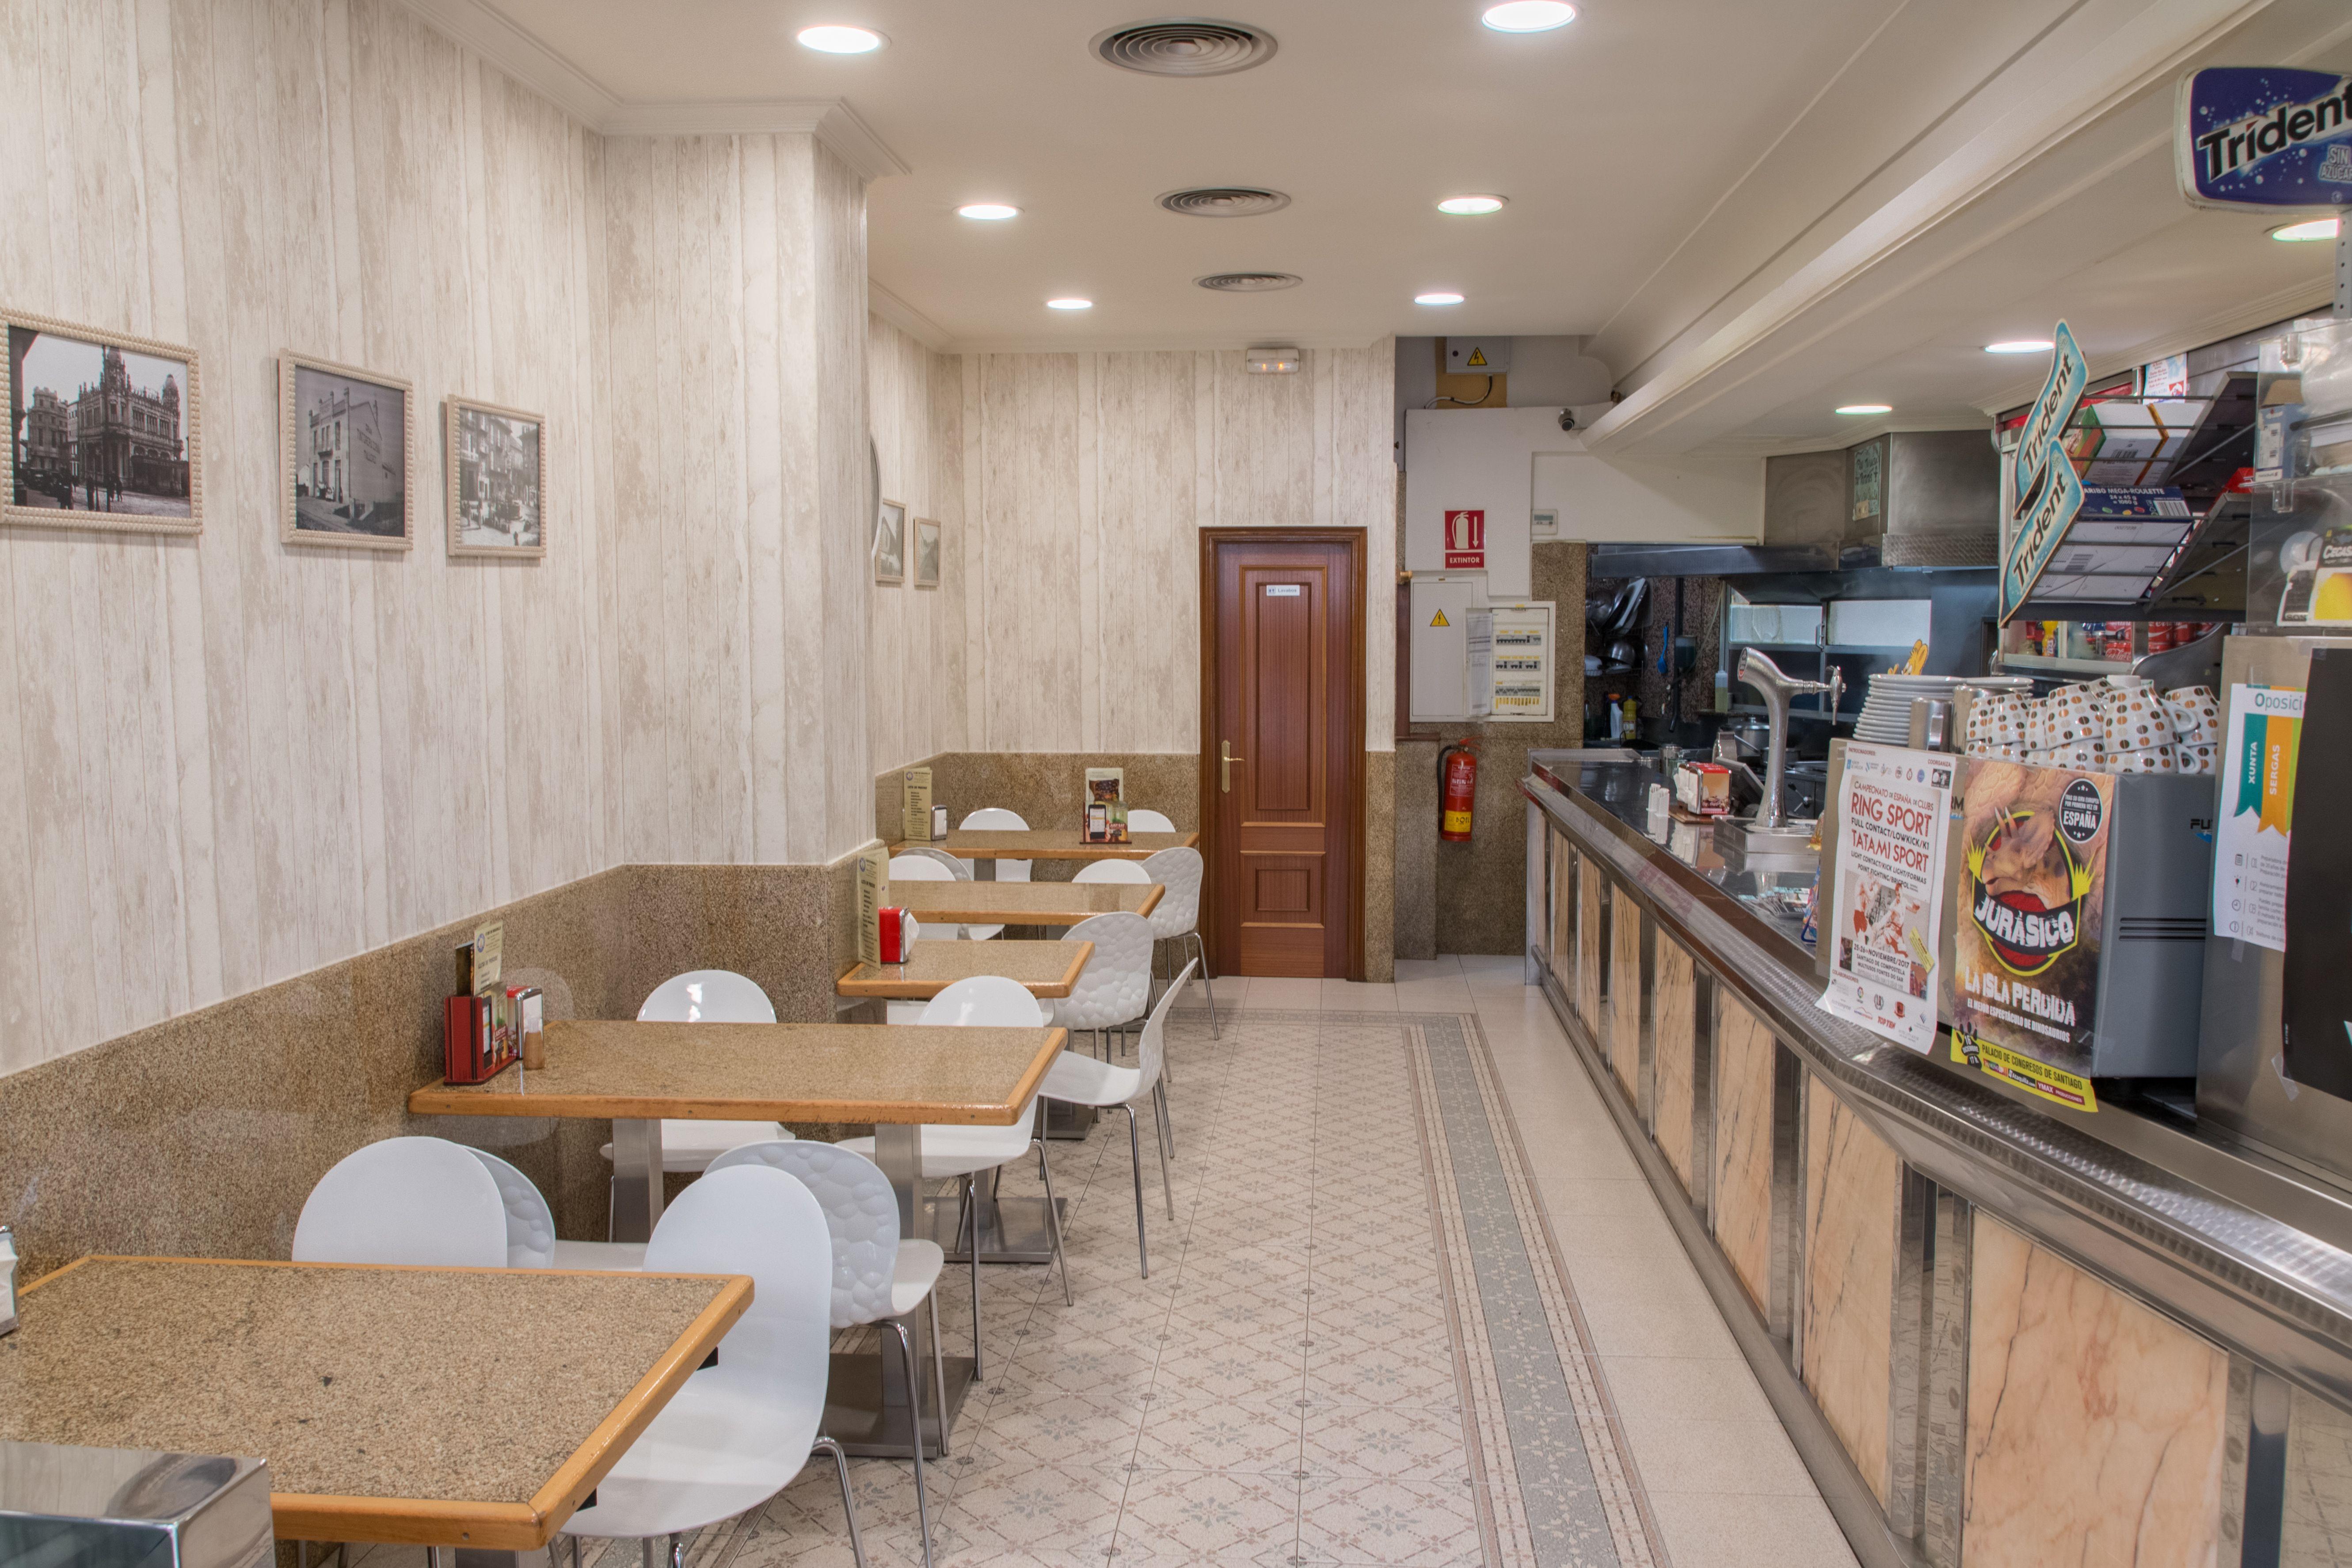 Foto 5 de Establecimiento con una amplia variedad en bocadillos, pollos asados, sándwiches y hamburguesas en Santiago de Compostela | O Rei Do Bocadillo